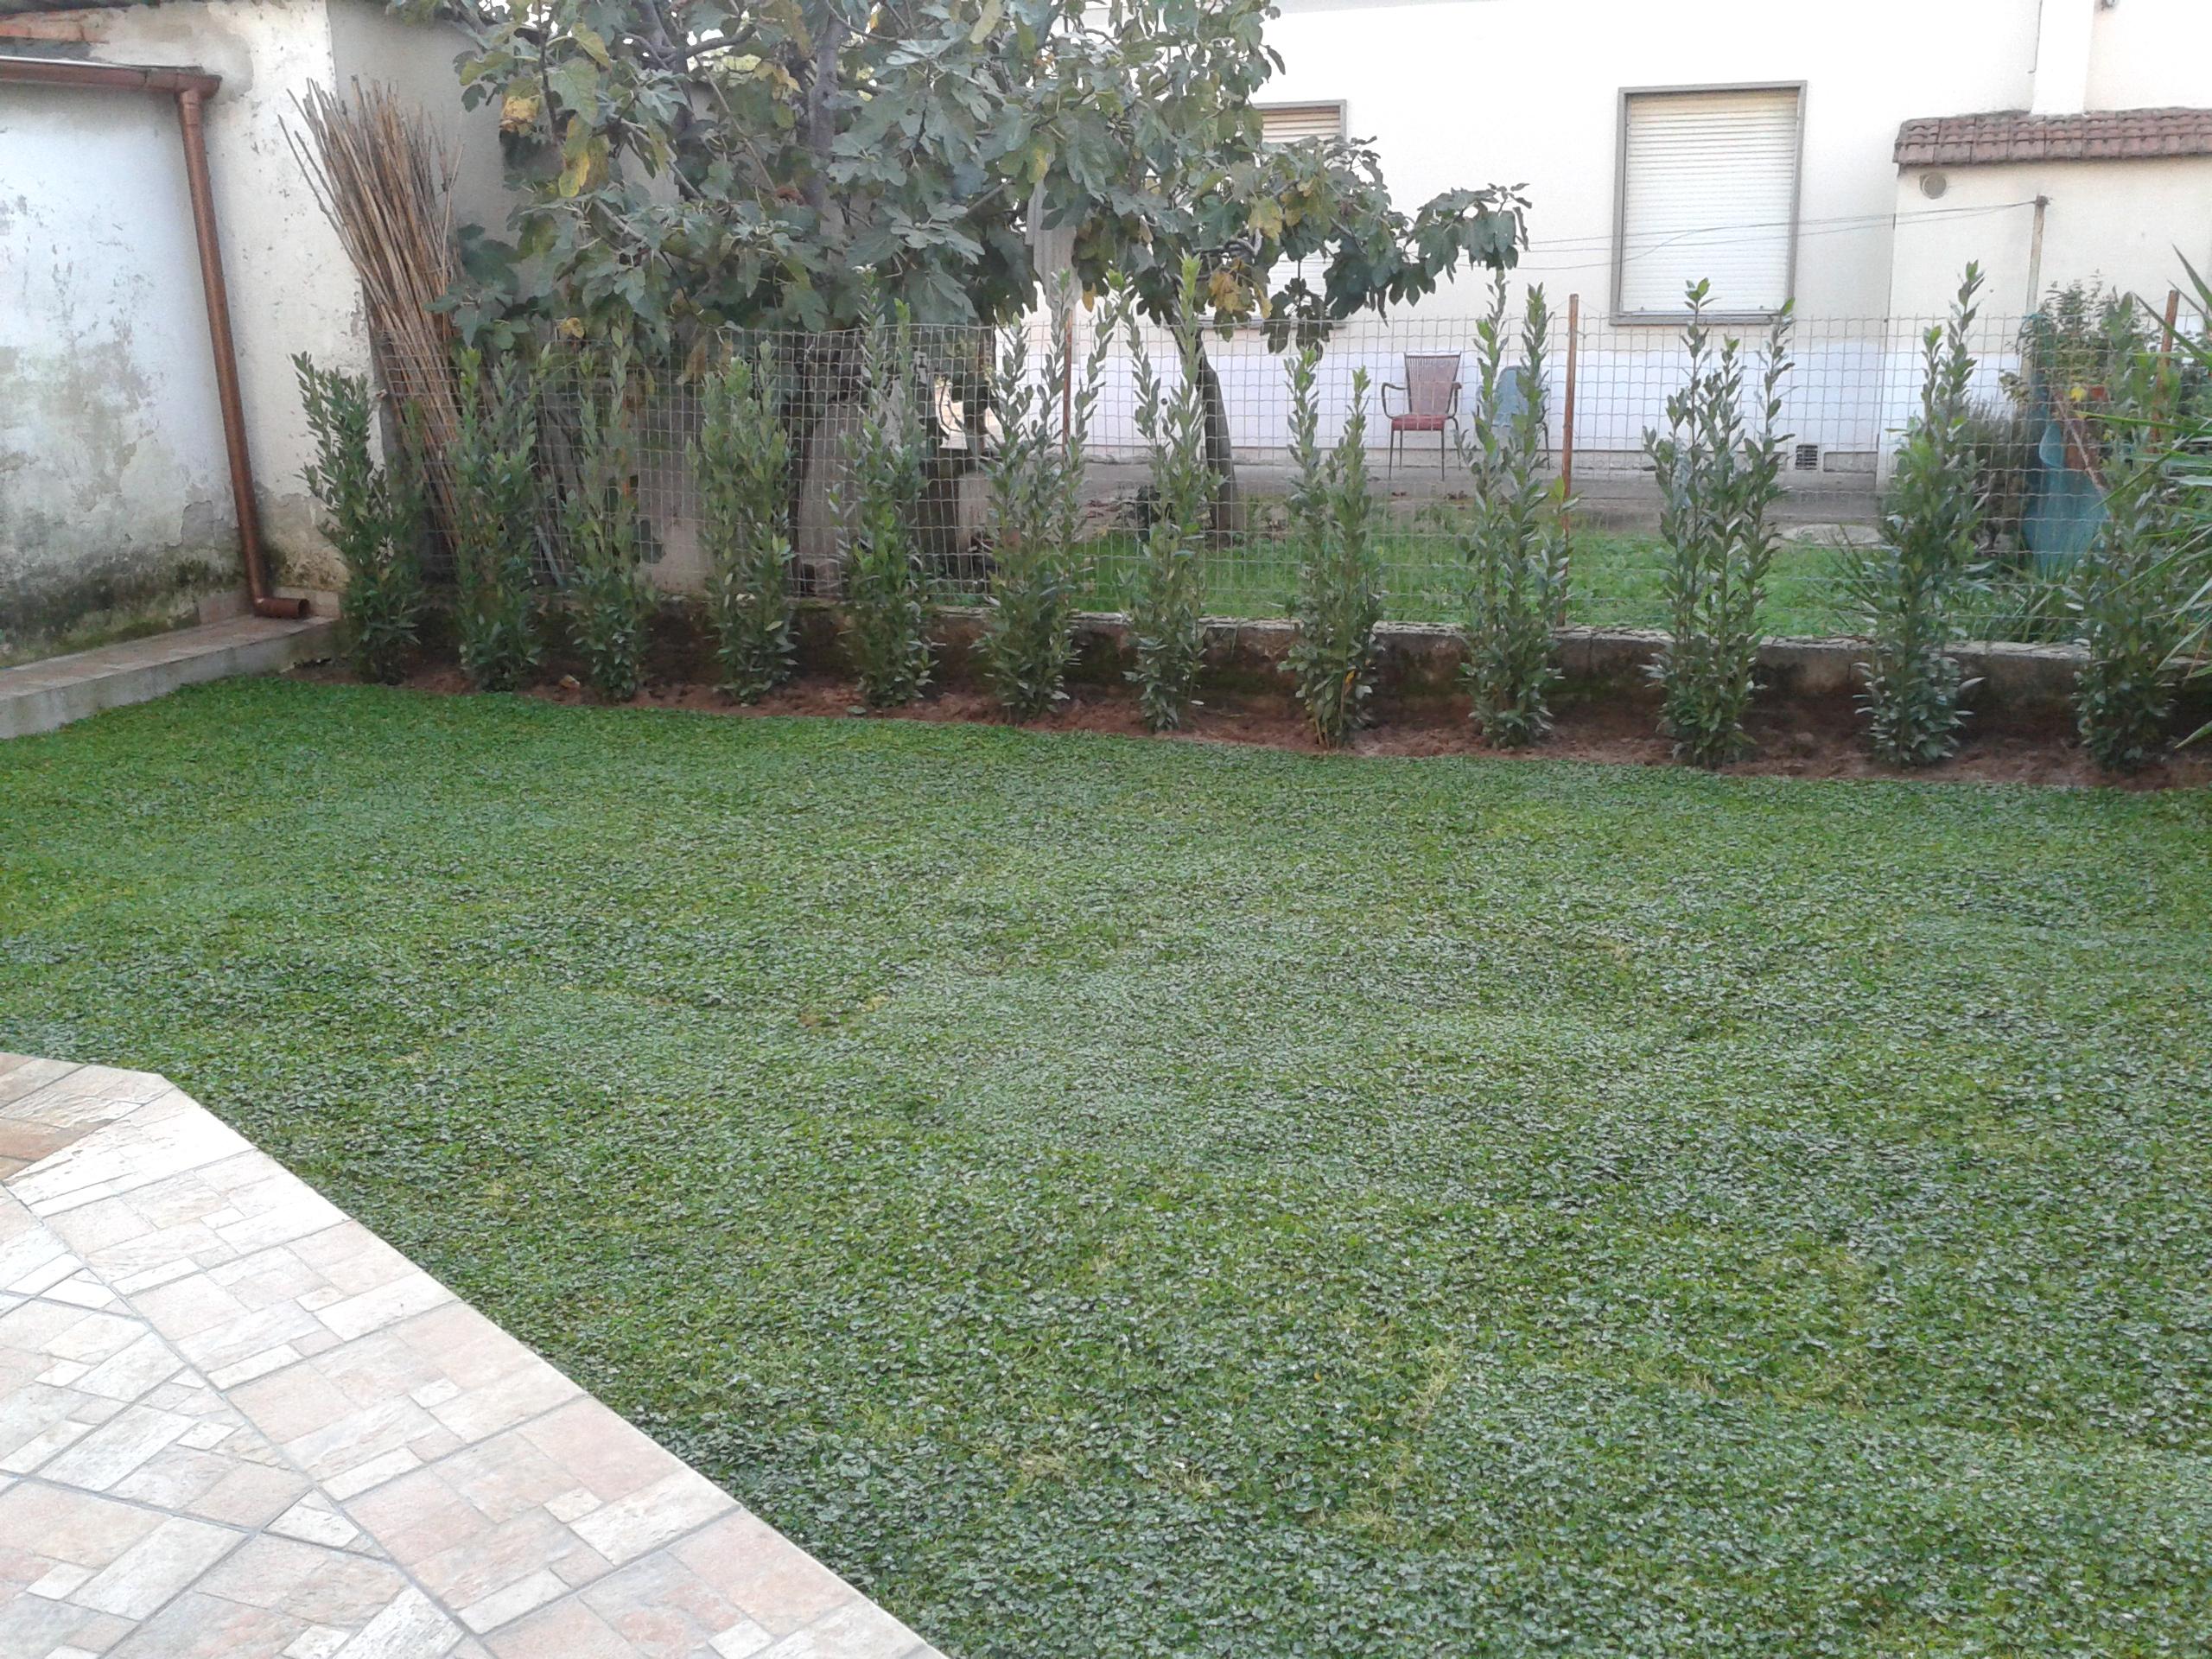 Mgr giardini di mochi simone realizzazione e manutenzione for Realizzazione giardini firenze